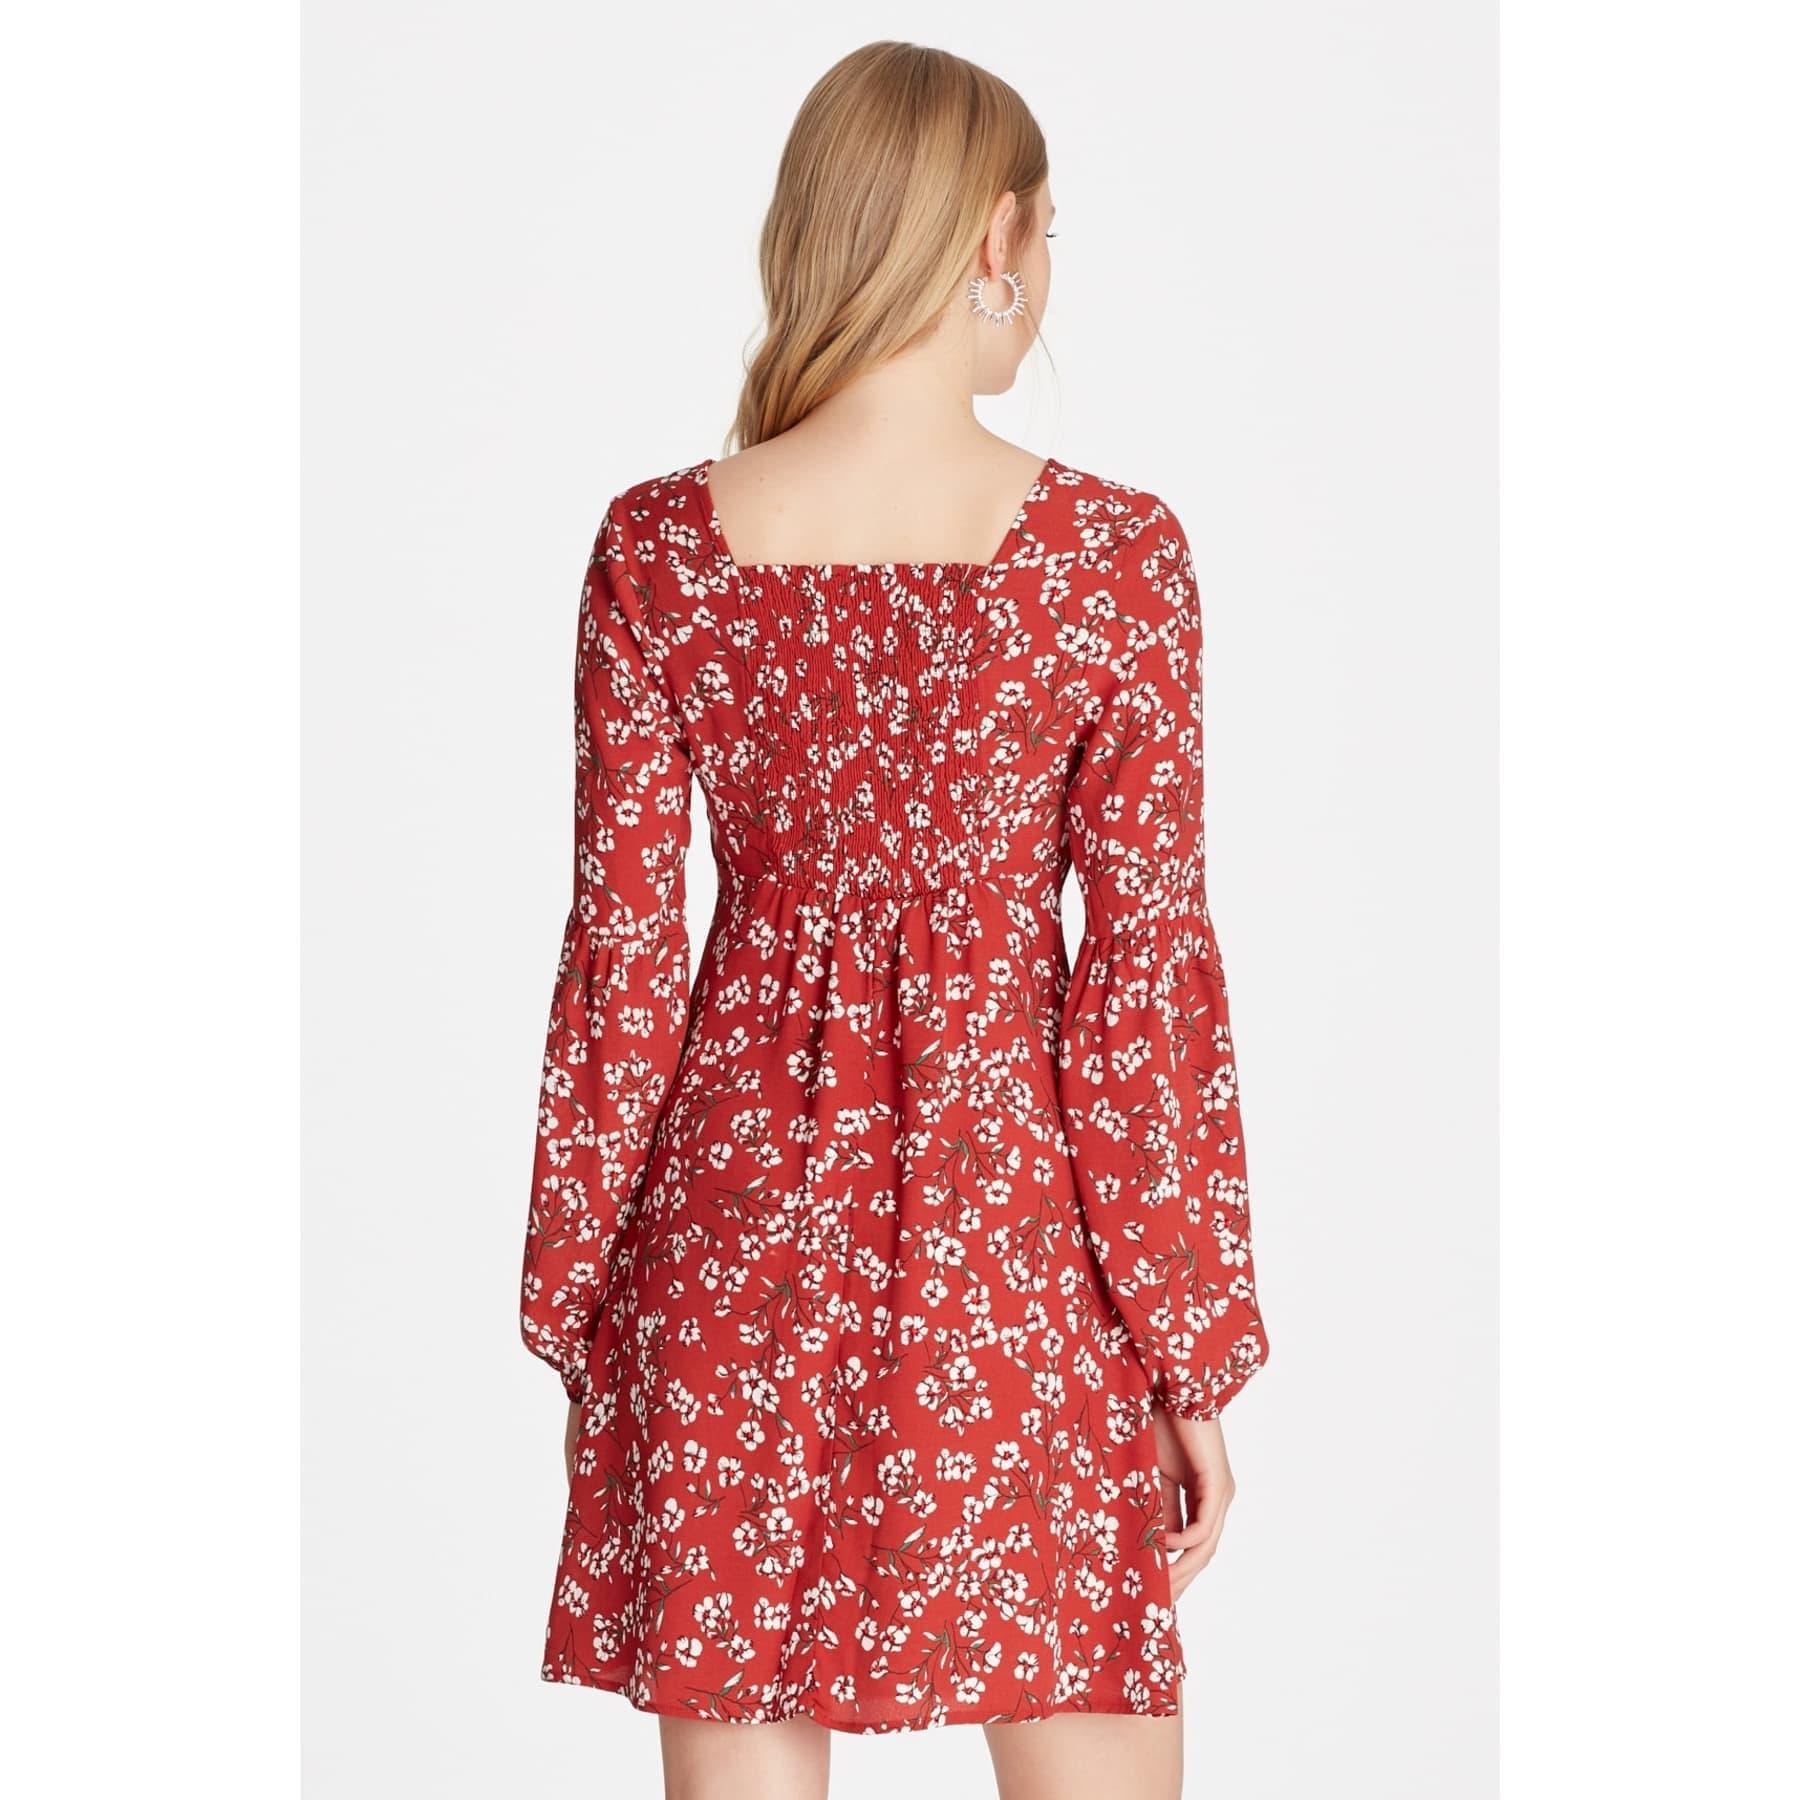 Kadın Çiçekli Kiremit Turuncu Elbise